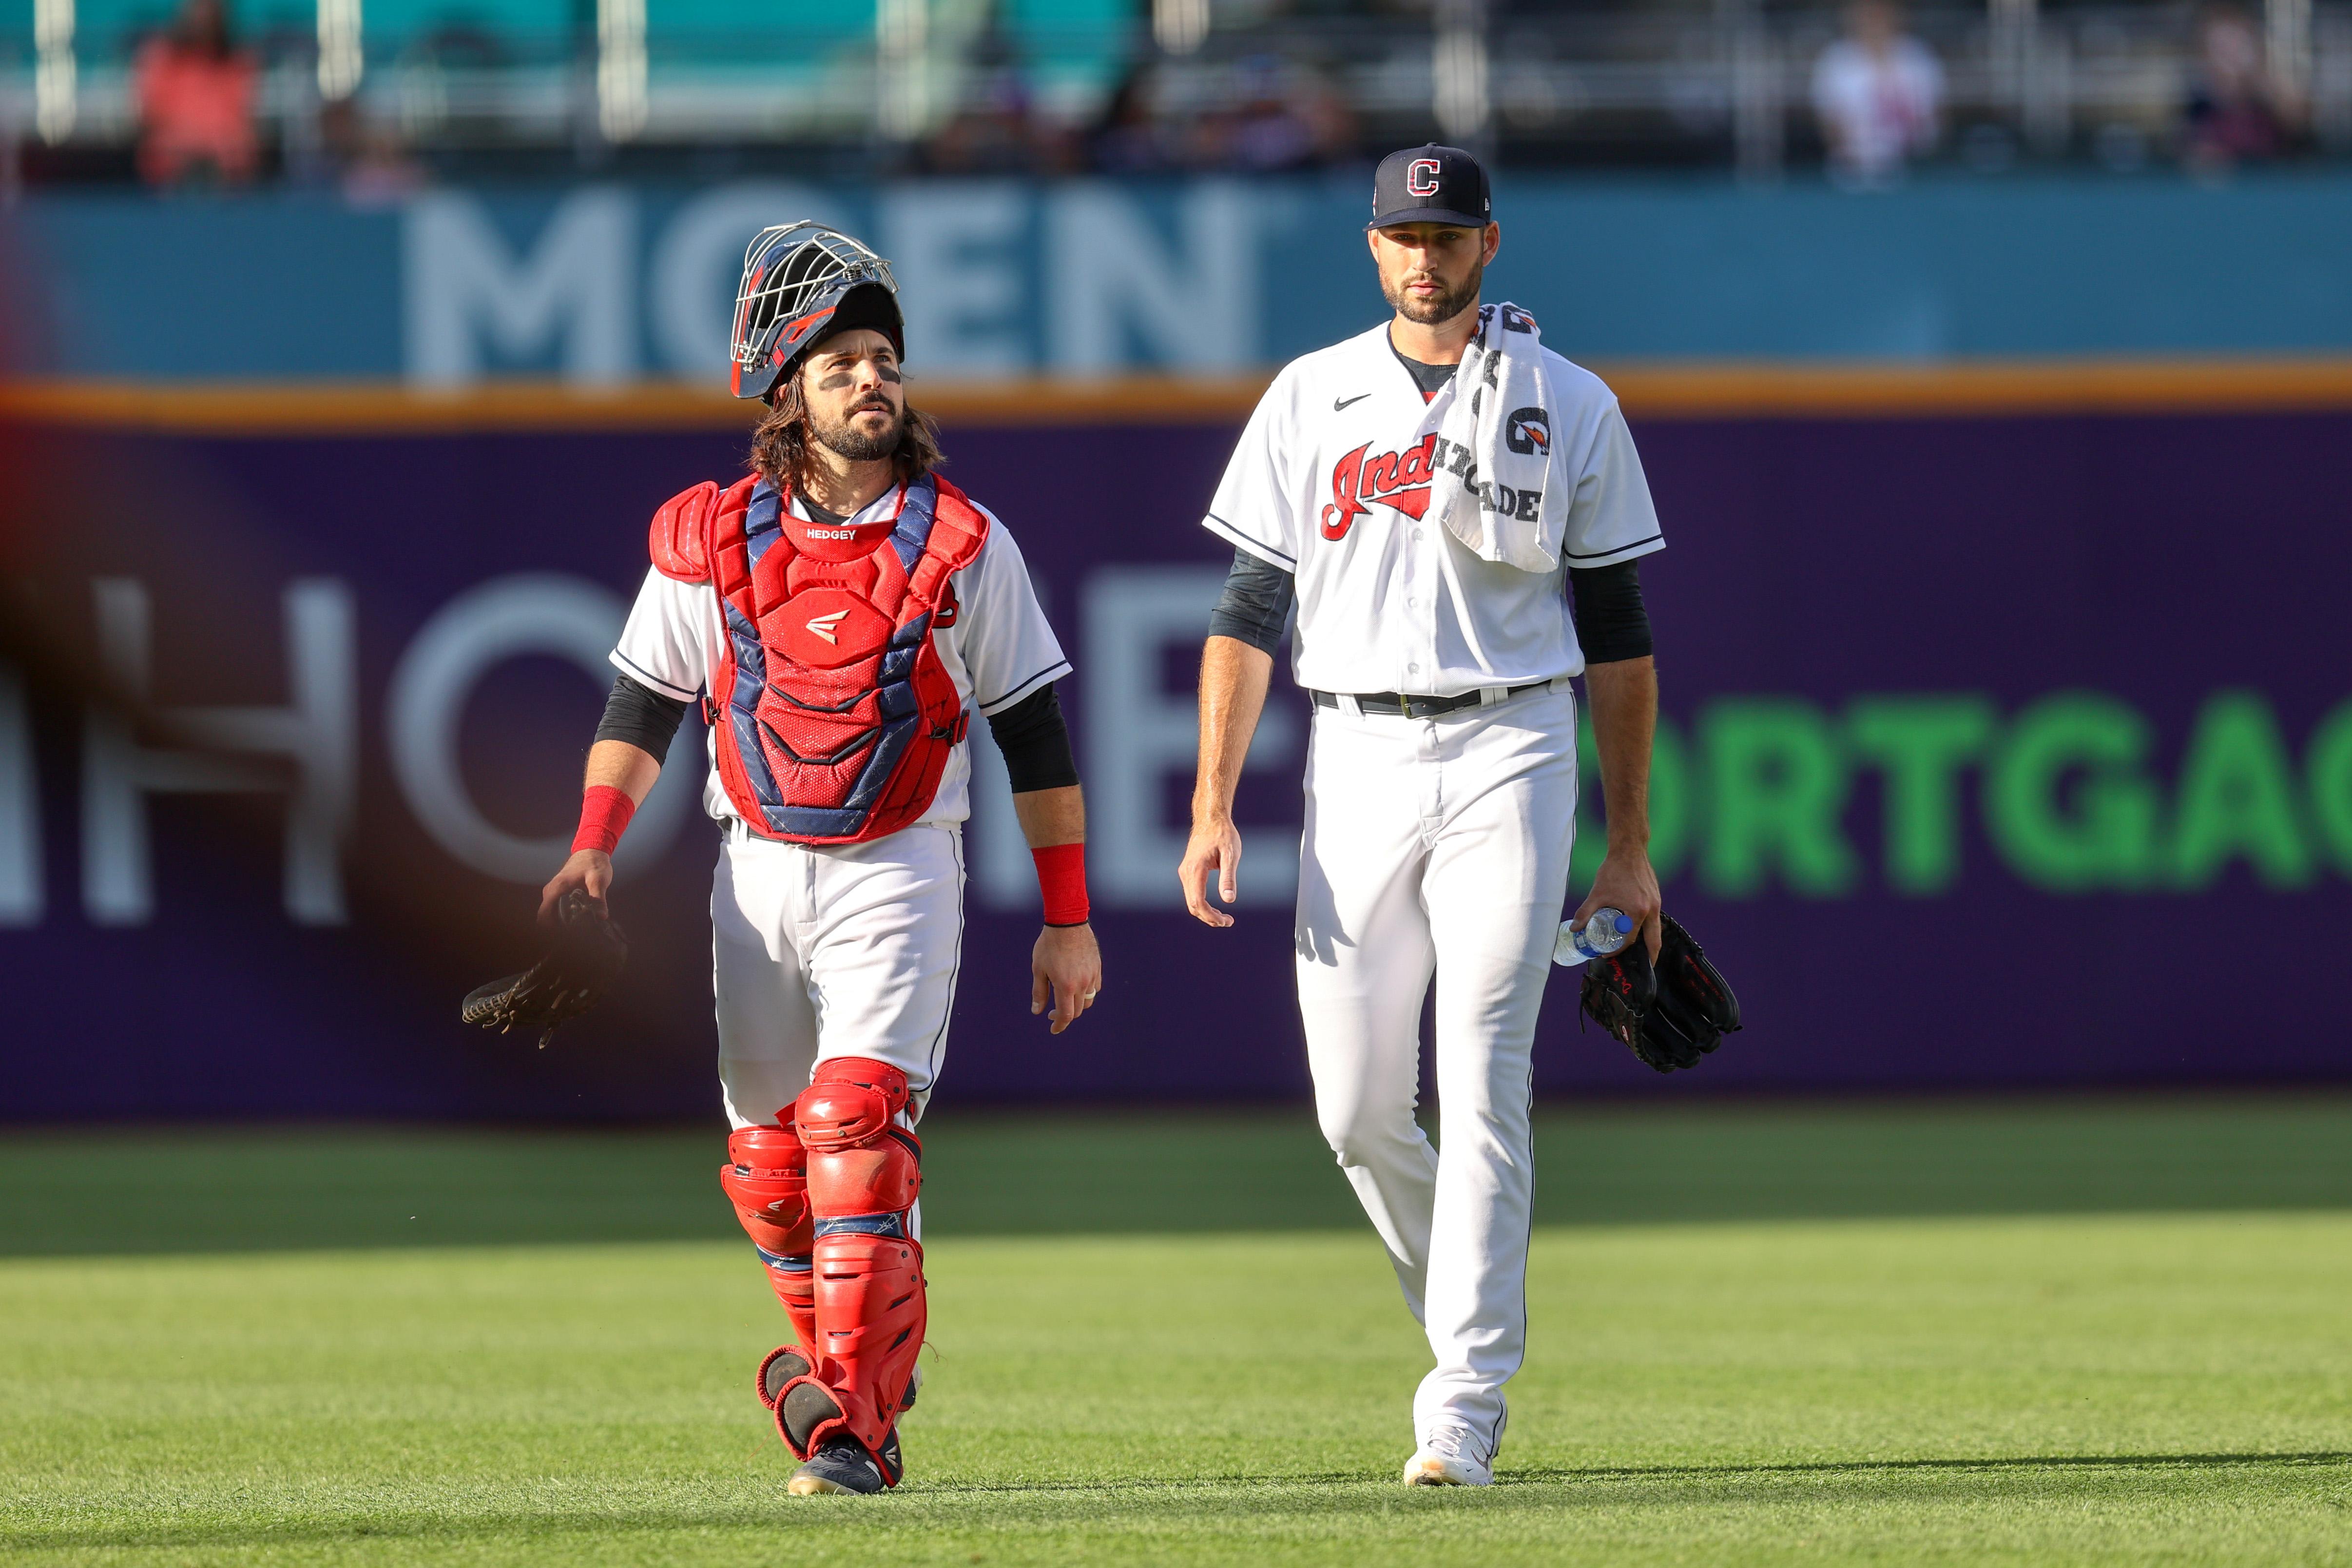 MLB: JUL 02 Astros at Indians